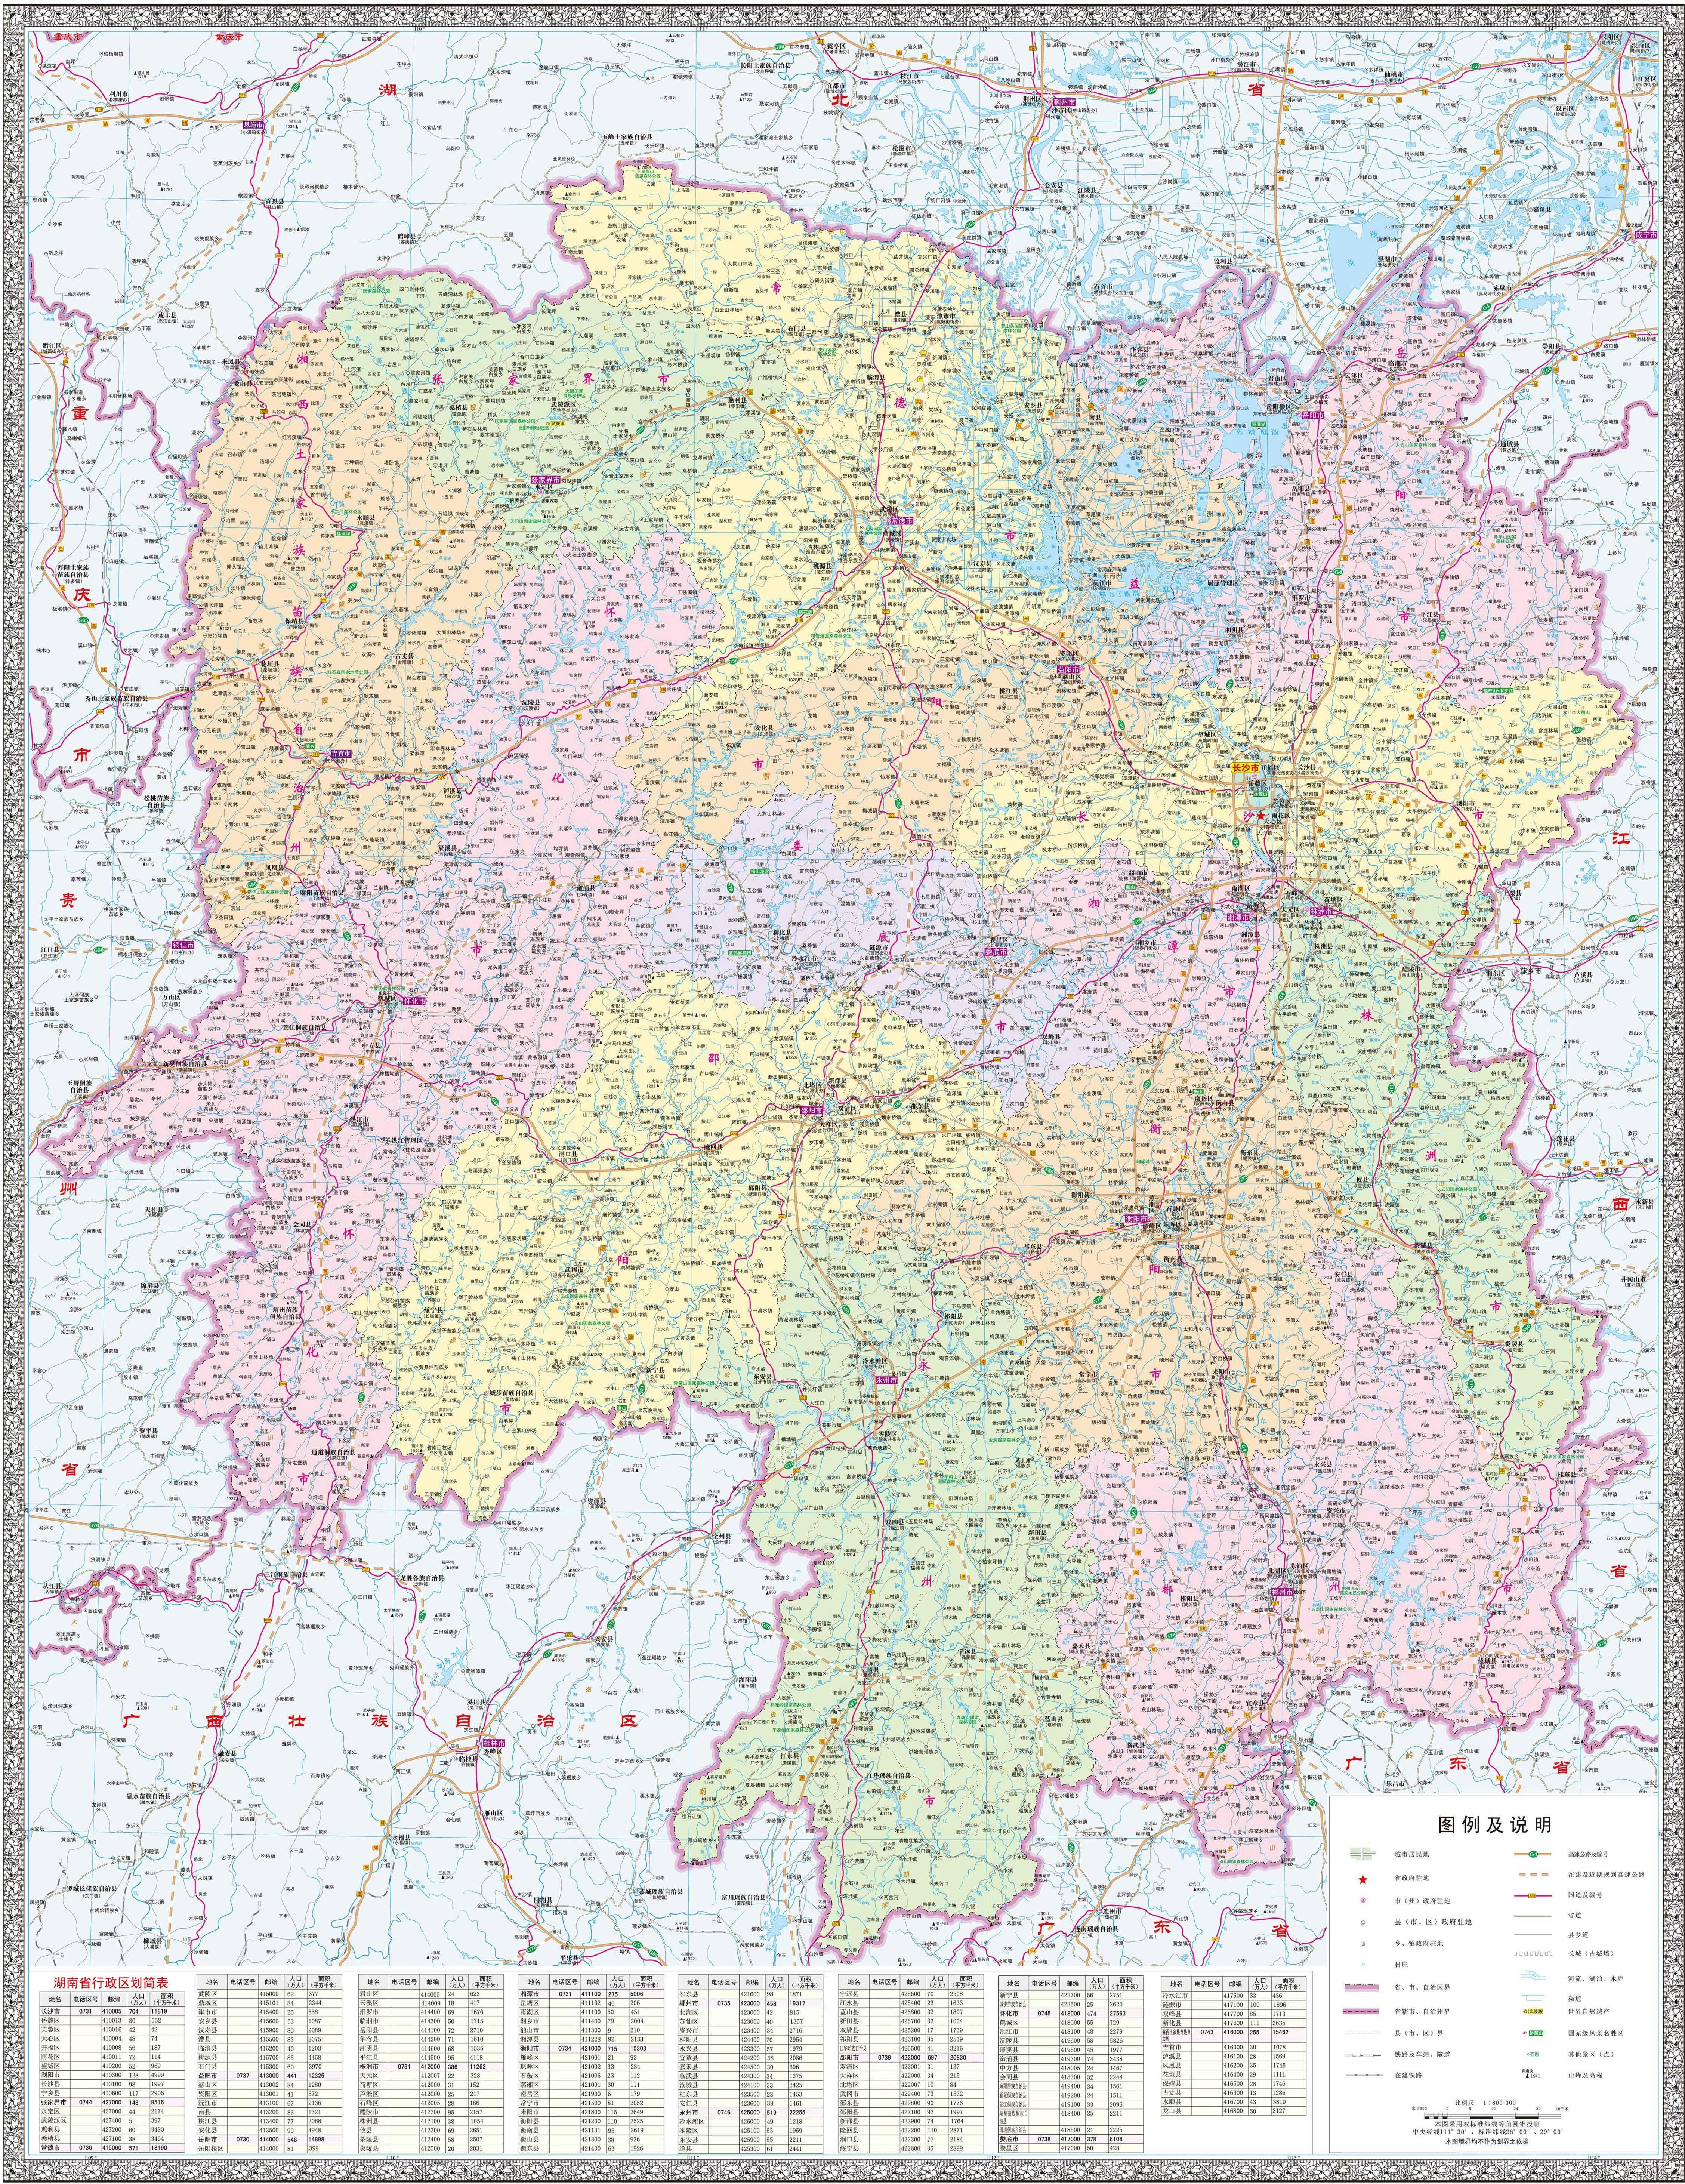 湖南旅游地图简图 湖南旅游景点分布图 湖南省自驾车路线图